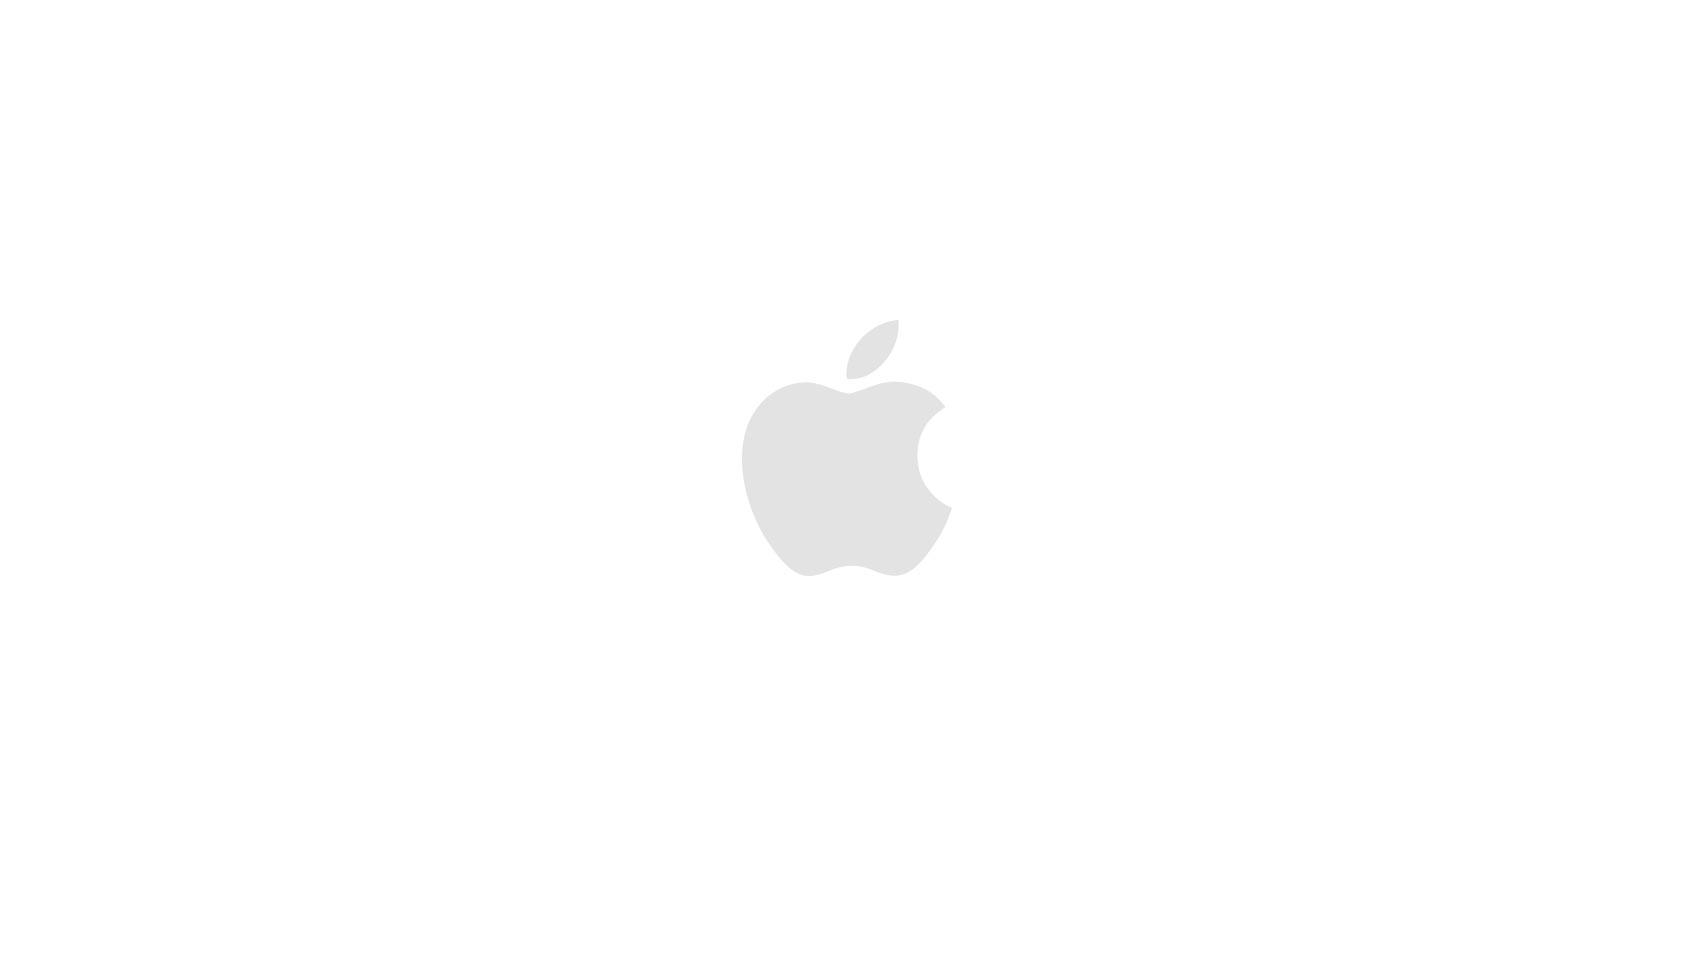 unternehmen - apple (de)